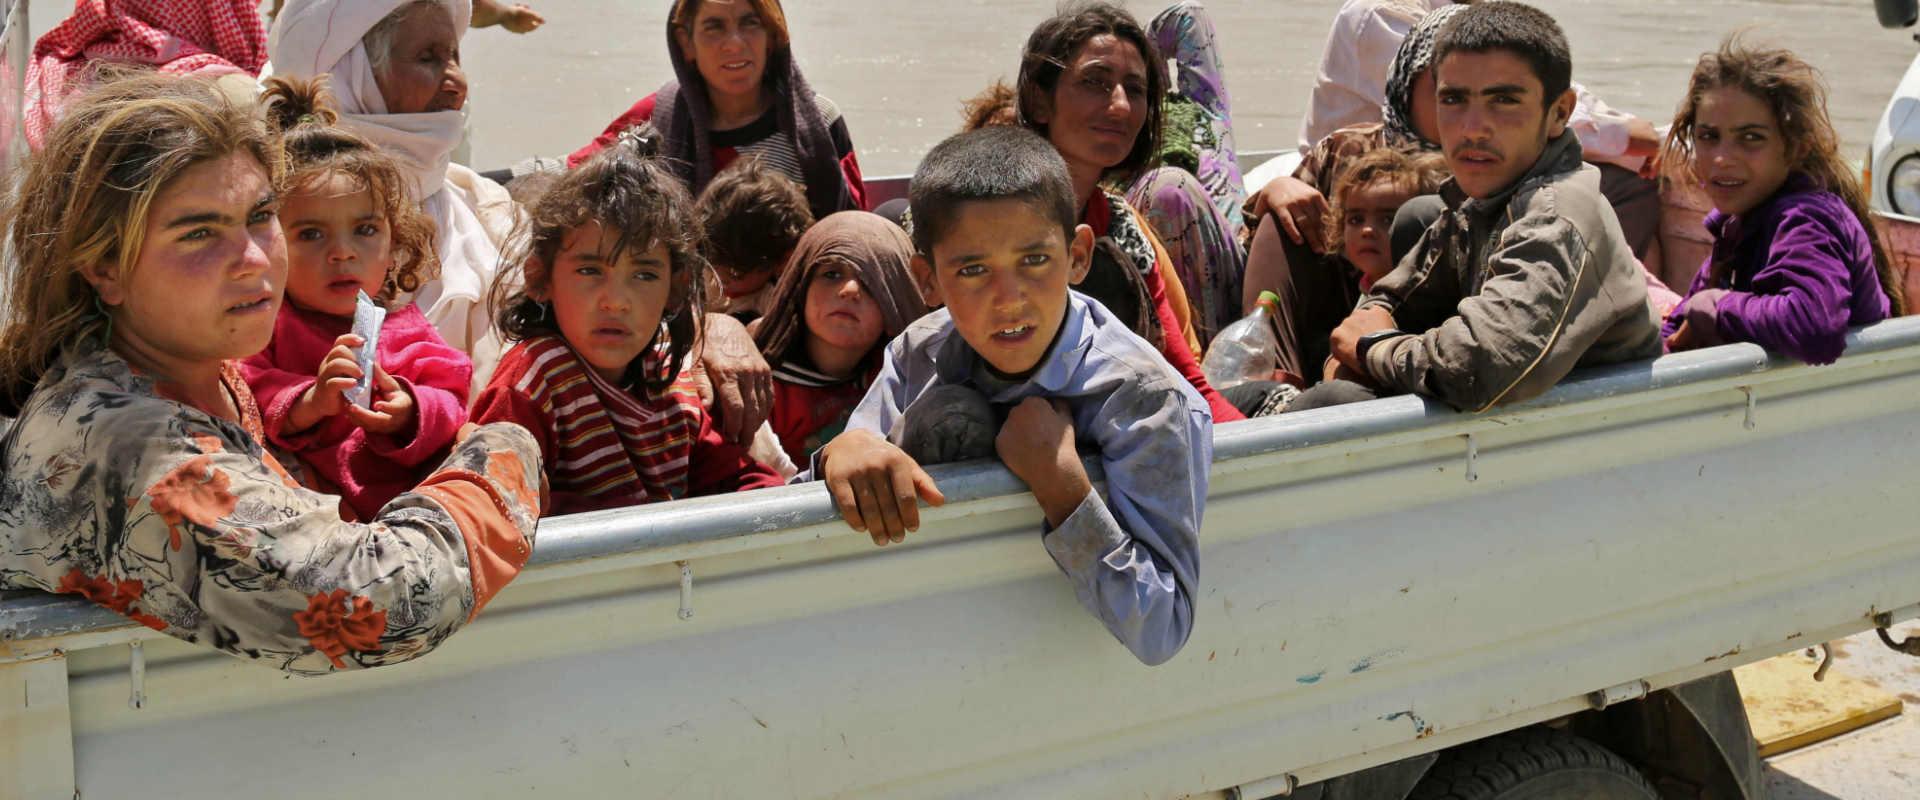 פליטים יזידים נמלטים מדאעש